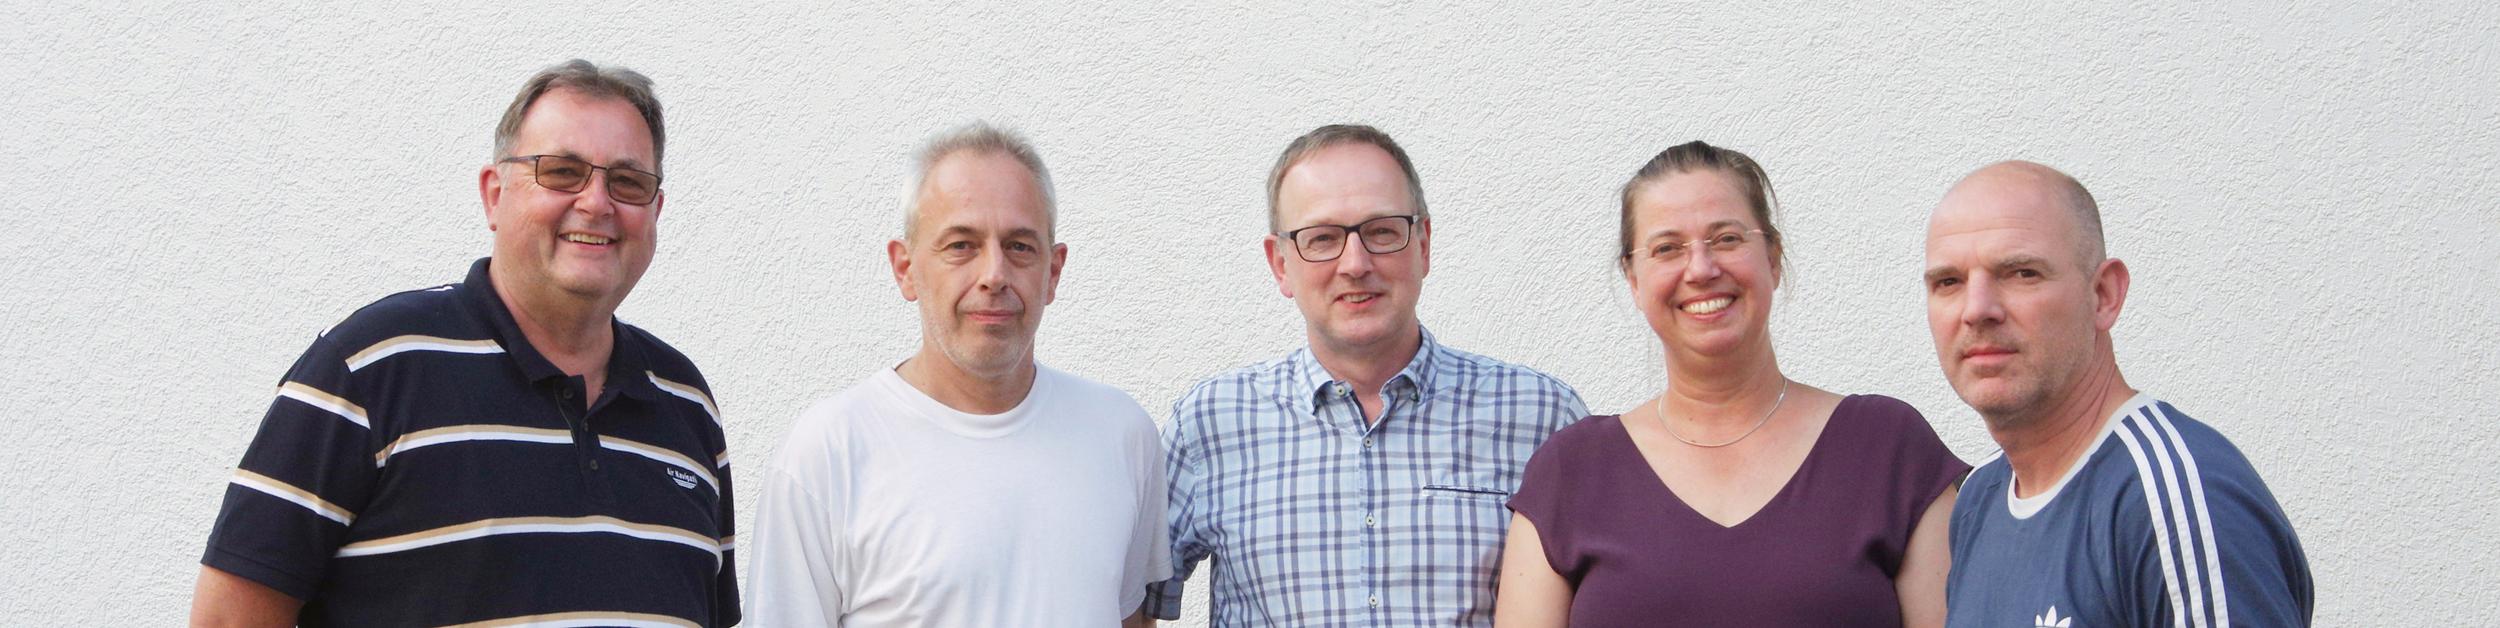 Orgateam Zuffenhäuser Fleckenfest